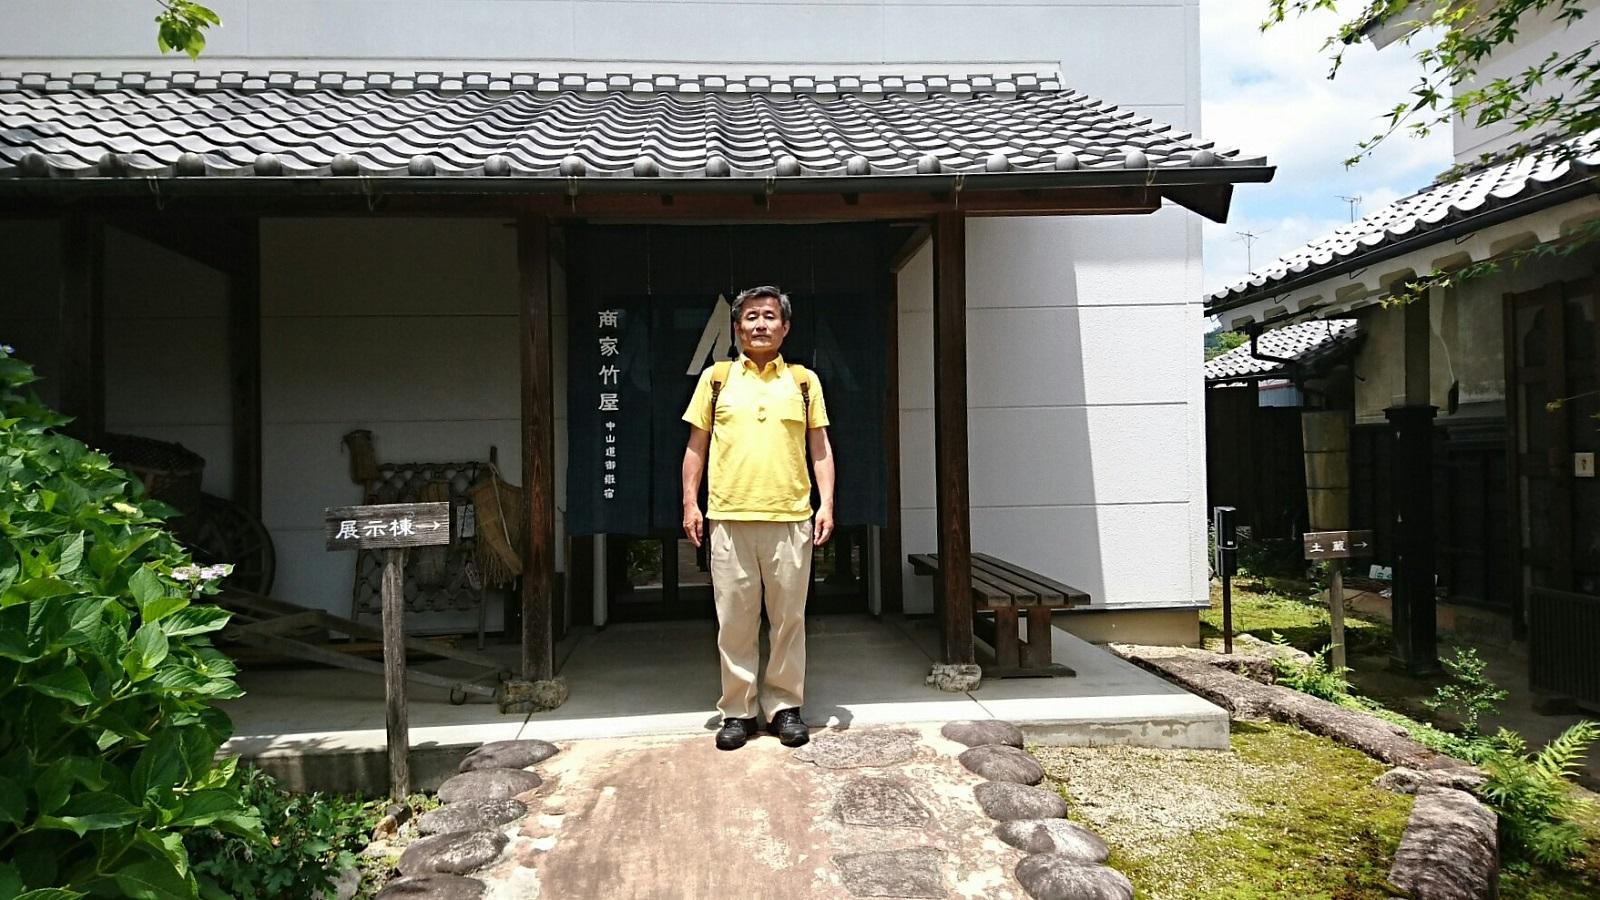 2018.6.7 みたけ (88う) 商家竹屋 - 展示棟 1600-900